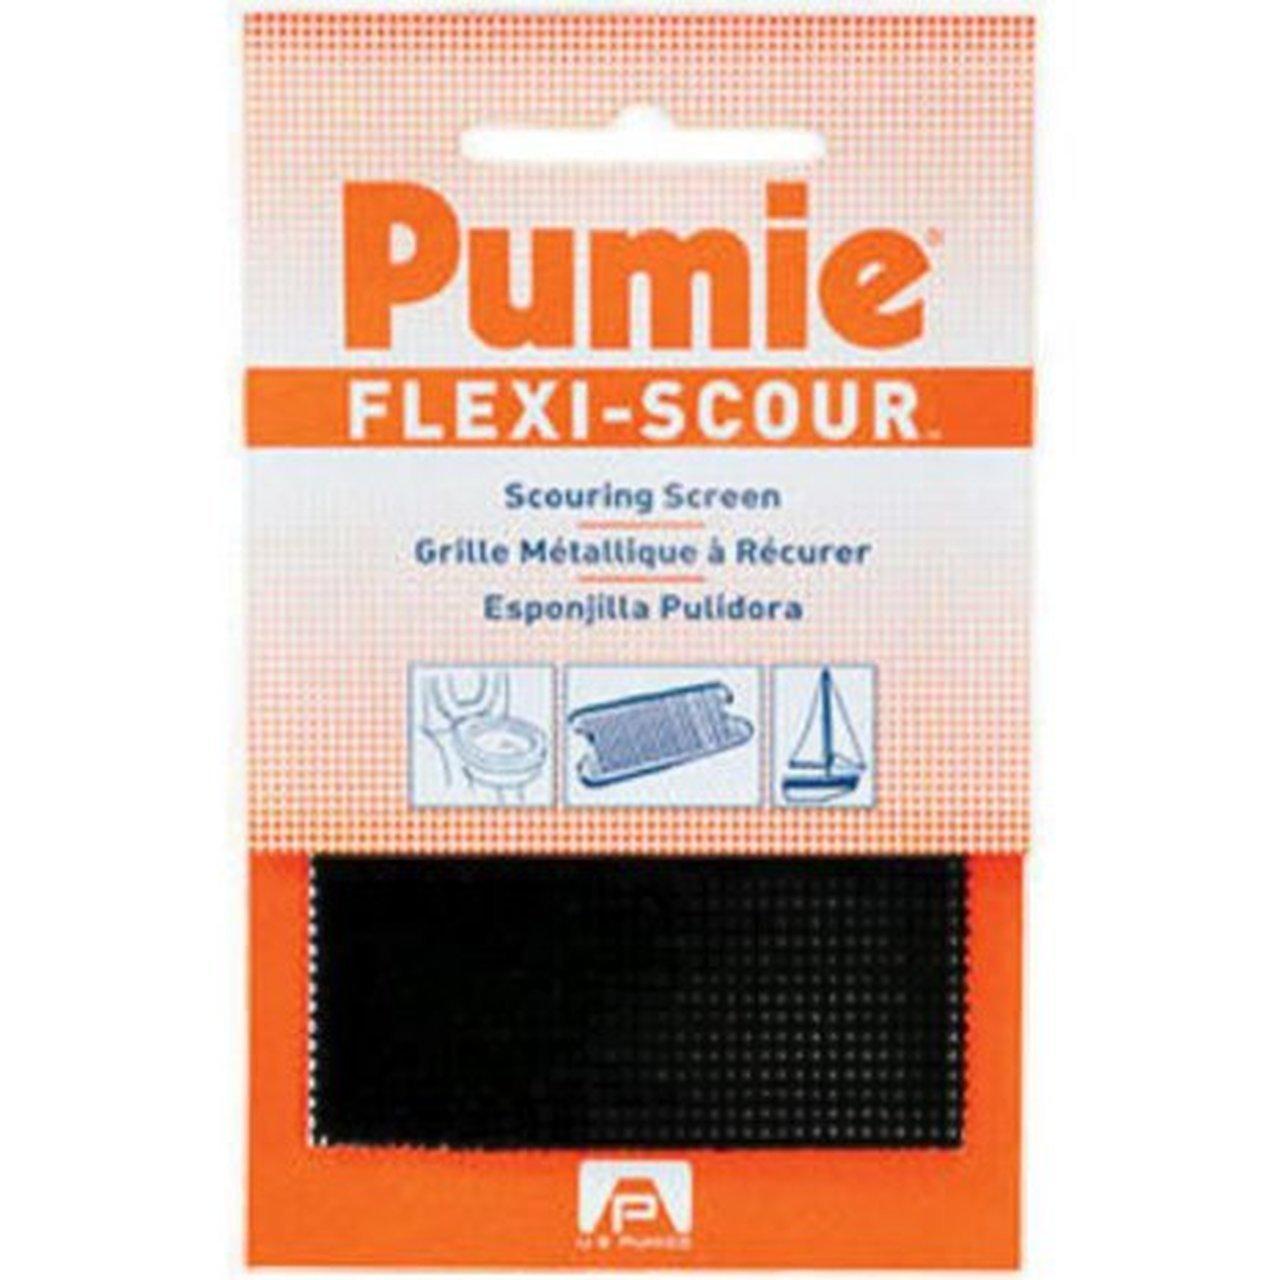 Flexi-Scour Scouring Screen